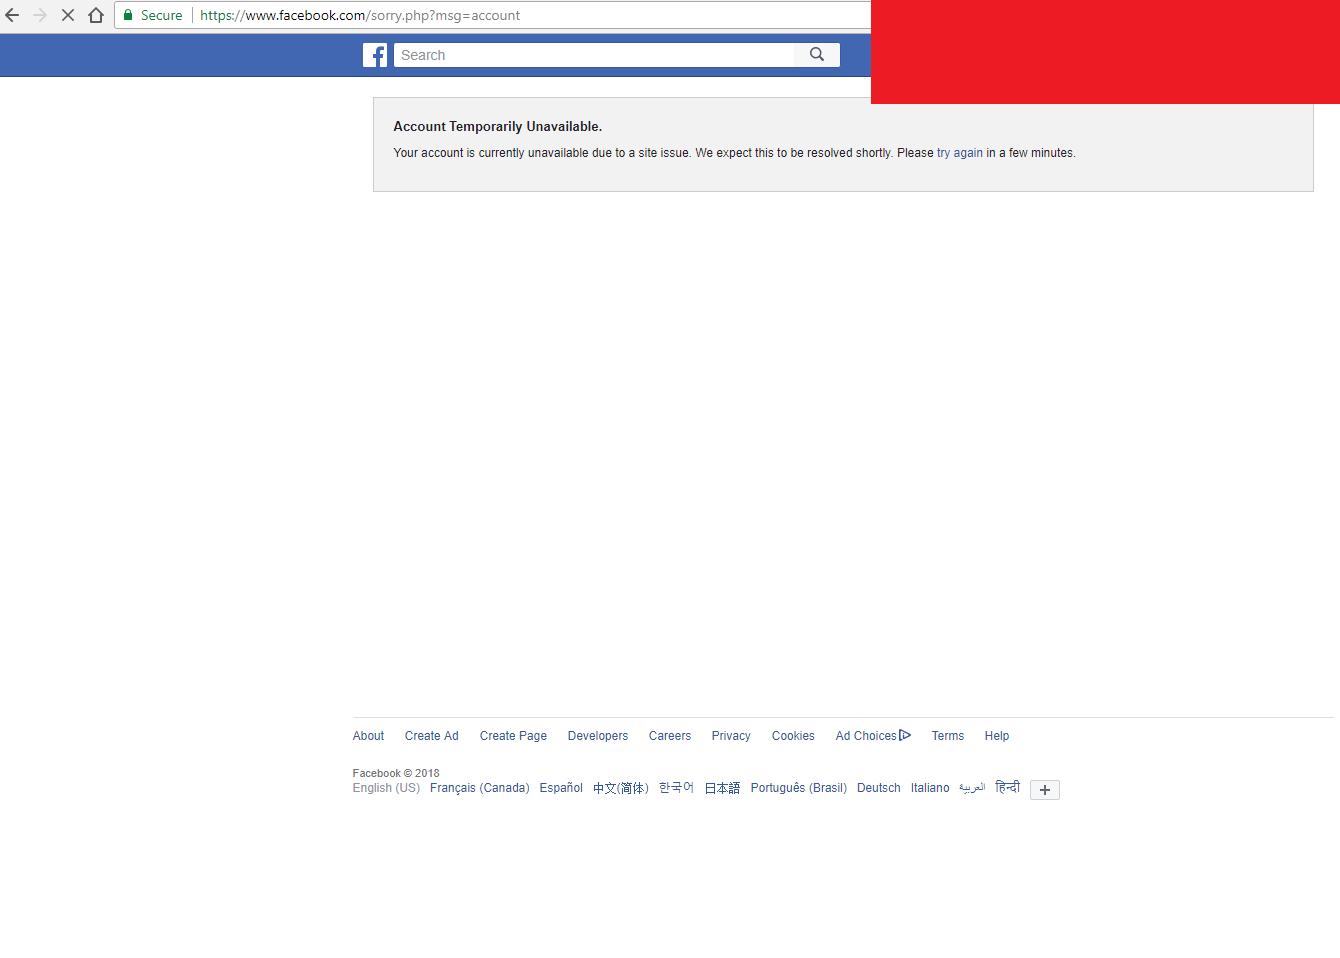 Facebook site issue